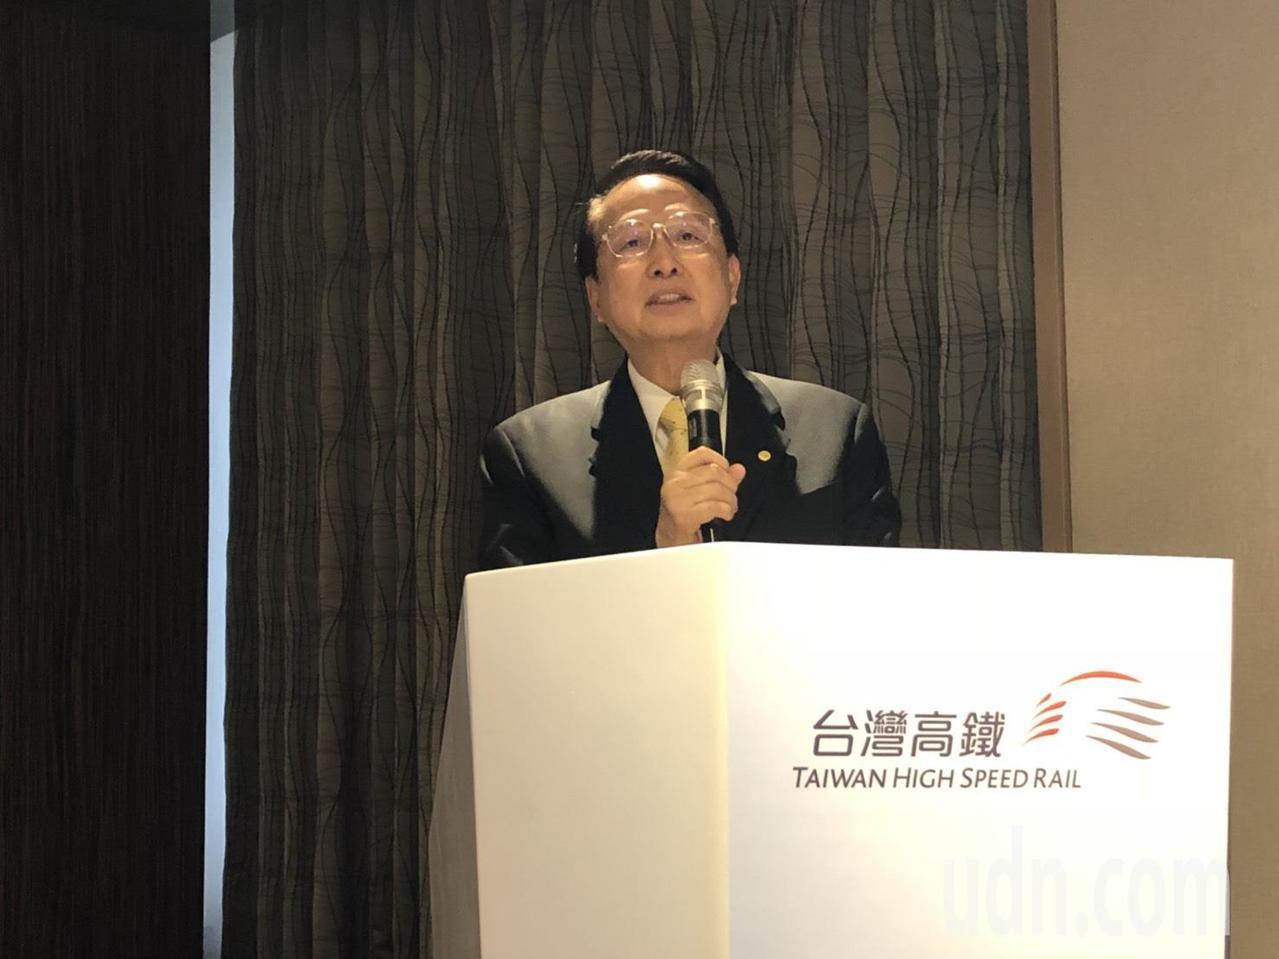 台灣高鐵董事長江耀宗。記者侯俐安/攝影